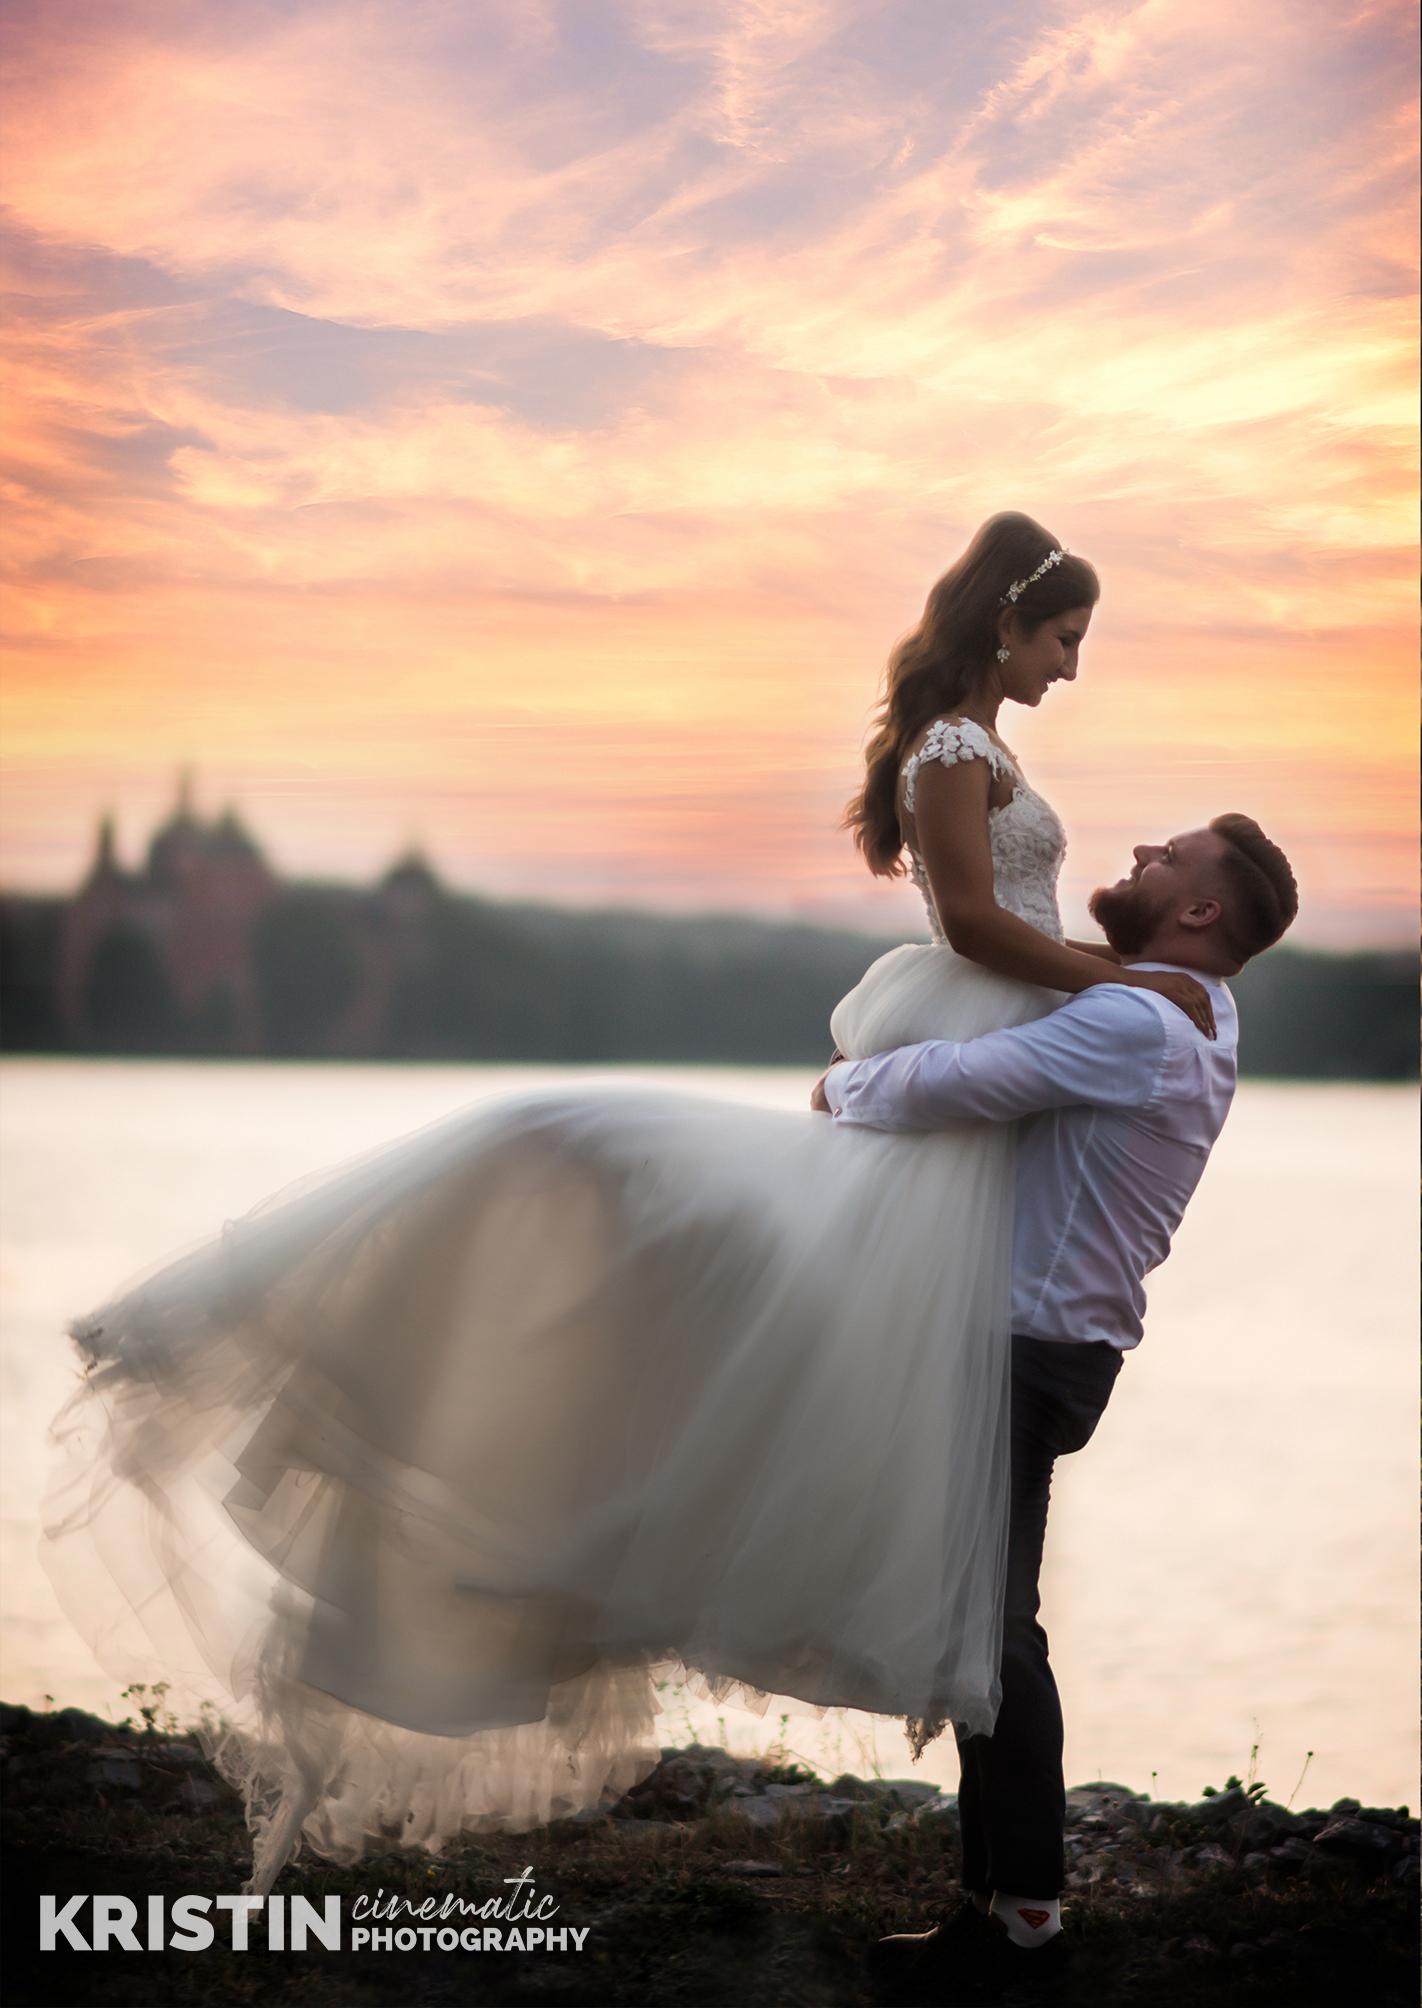 Bröllopsfotograf i Eskilstuna Kristin - Photography-31.jpg